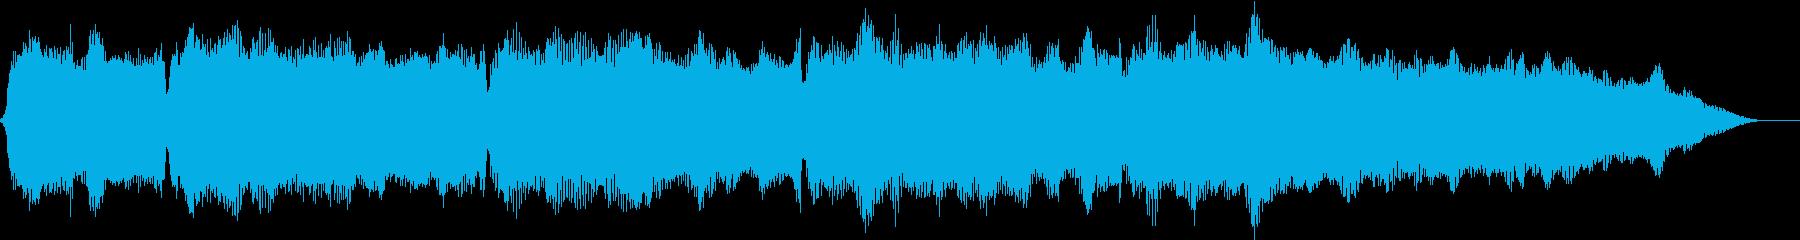 映画インターステラー風シンセ幻想的BGMの再生済みの波形